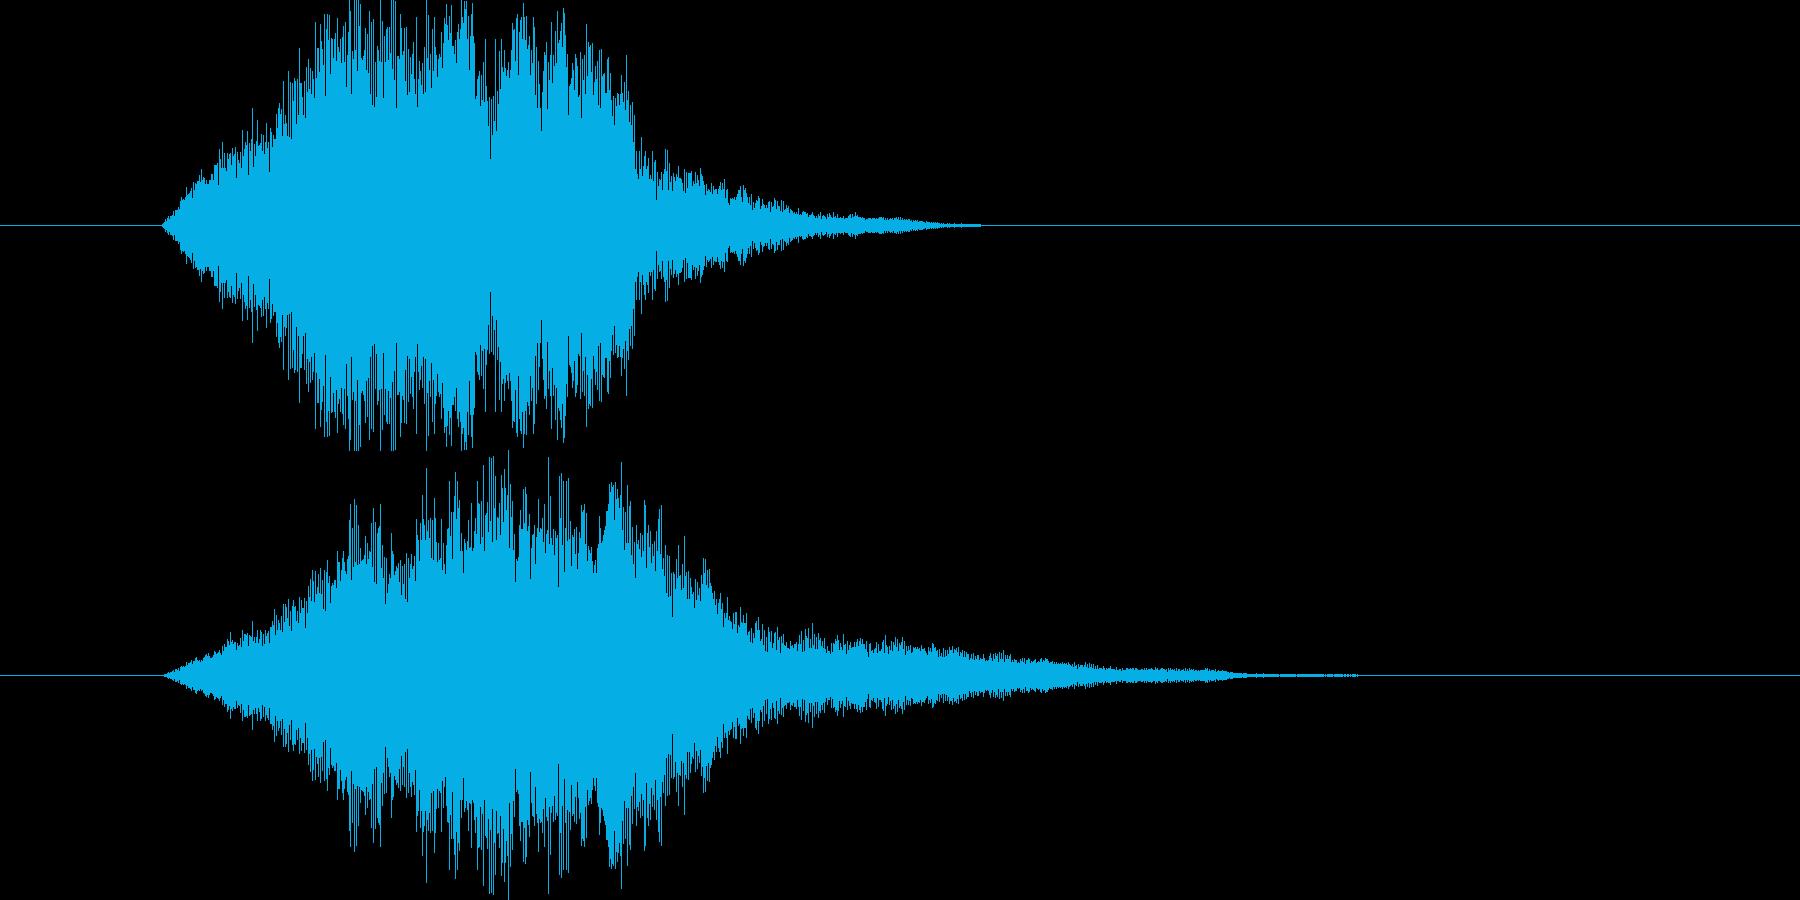 ヒューンという車が速く通った時の音の再生済みの波形